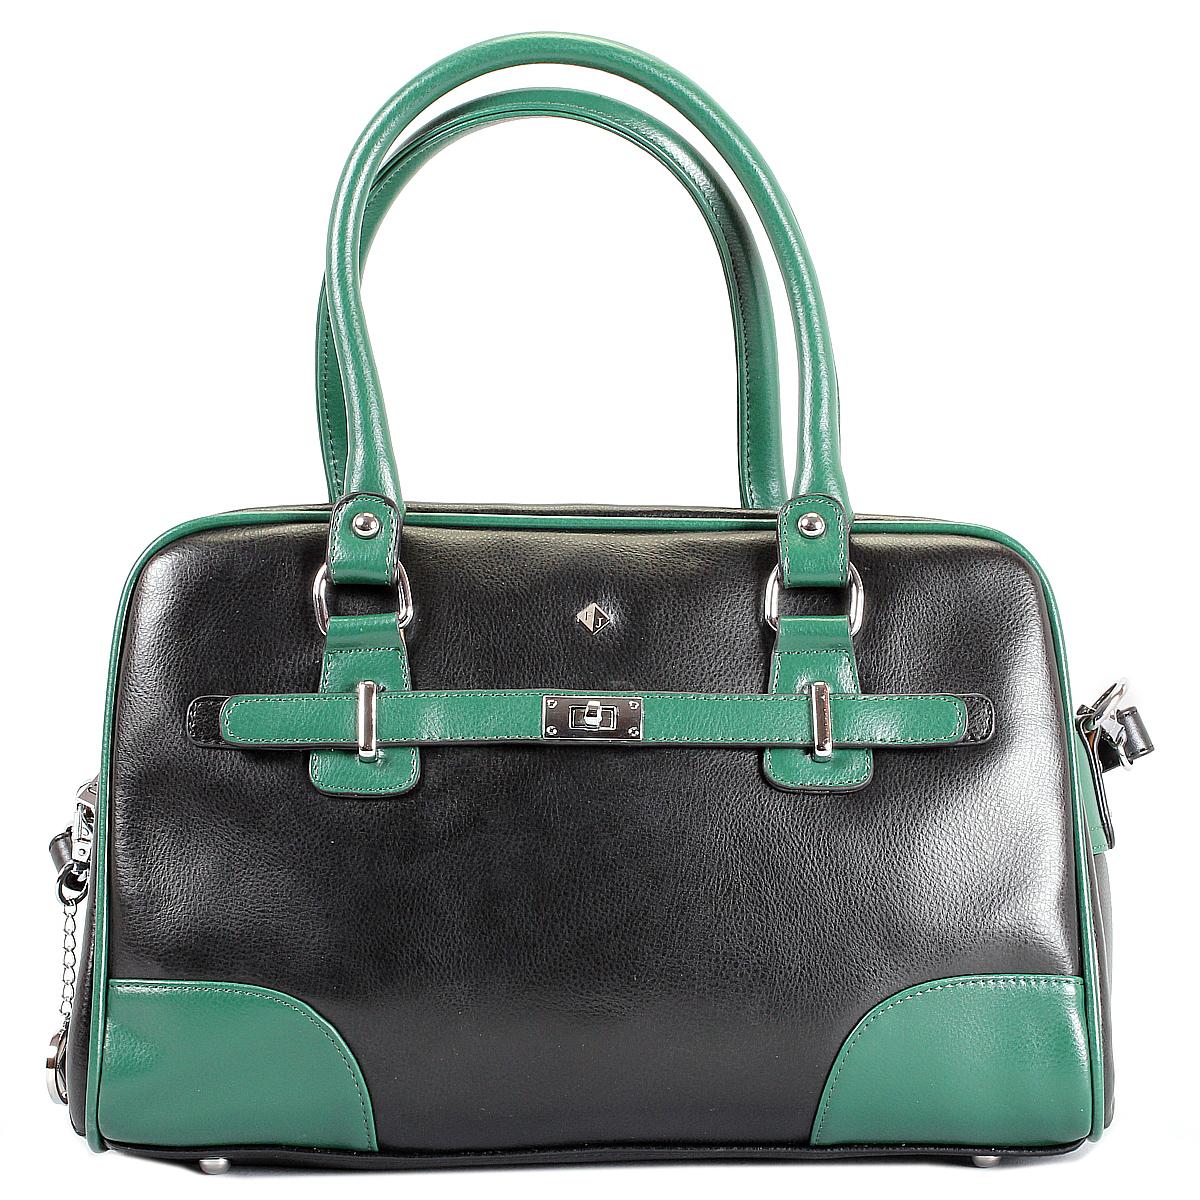 Сумка женская Flioraj, цвет: черный, зеленый. 12044-112044-1/14 черн/зелСтильная женская сумка Flioraj выполнена из натуральной кожи с вставками контрастного цвета. Сумка имеет одно отделение, которое закрывается на застежку-молнию. Внутри расположен вшитый карман на застежке-молнии, накладной кармашек на застежке-молнии и два накладных кармашка для телефона и мелких бумаг. С задней стороны сумки - карман на застежке-молнии. Сумка оснащена двумя удобными ручками на металлических кольцах и отстегивающимся плечевым ремнем регулируемой длины. Фурнитура выполнена из металла серебристого цвета. На дне - 4 металлические ножки. В комплекте - чехол для хранения и металлический брелок с логотипом фирмы Flioraj. Стильная сумка Flioraj станет финальным штрихом в создании вашего неповторимого образа.